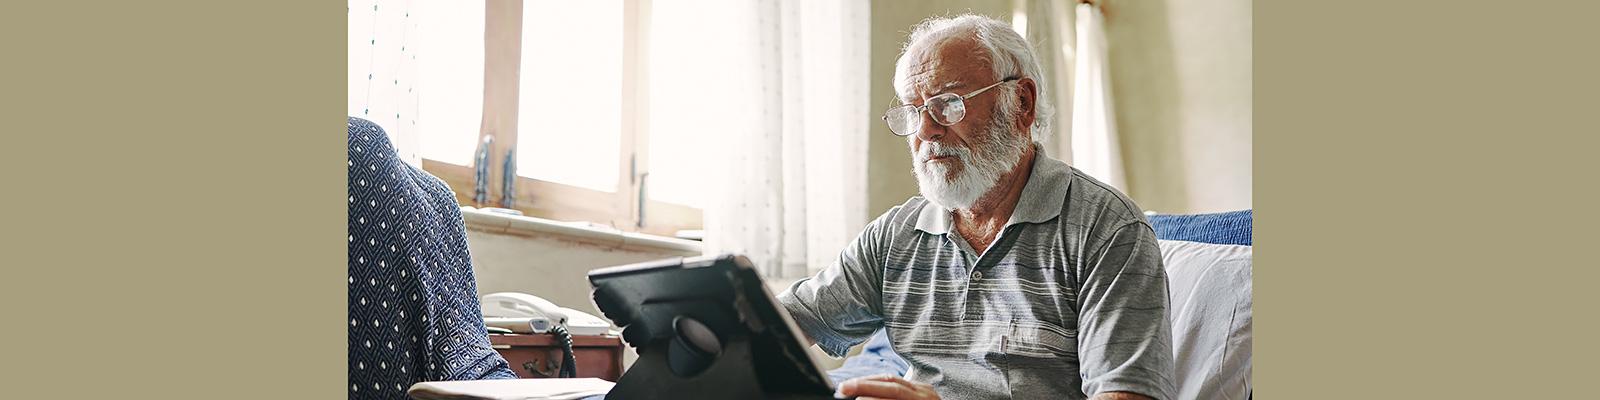 高齢者 コンピュータ 利用者 イメージ